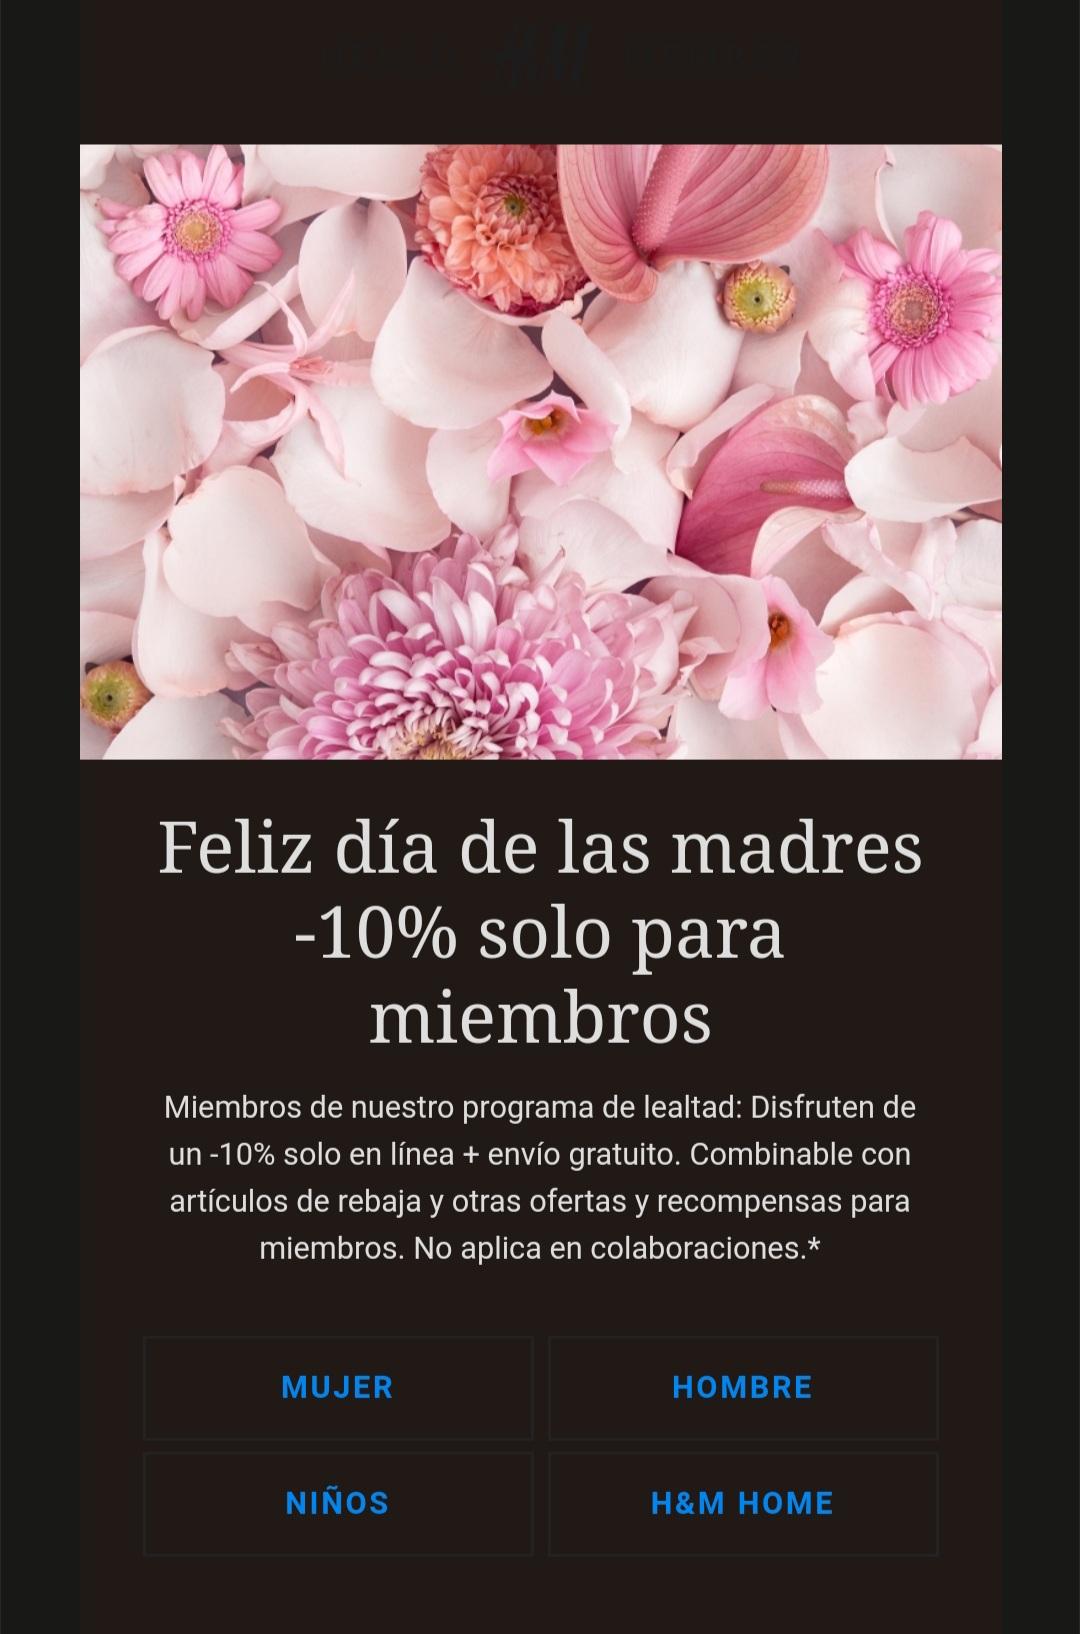 H&M:10% y envío gratis por día de las madres.